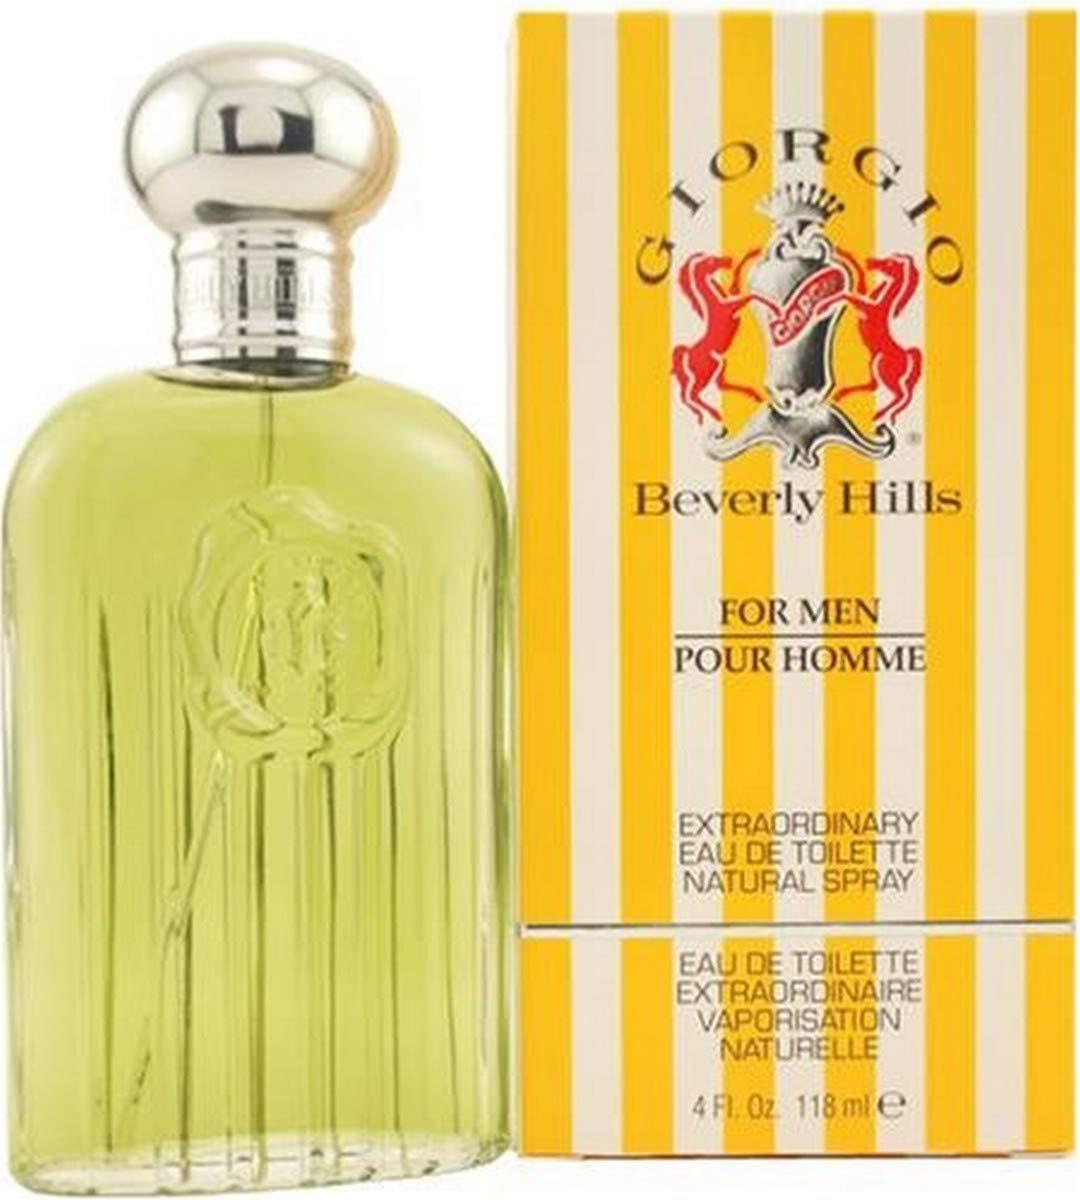 Giorgio by Giorgio Beverly Hills for Men, Eau De Toilette Spray, 4-Ounce